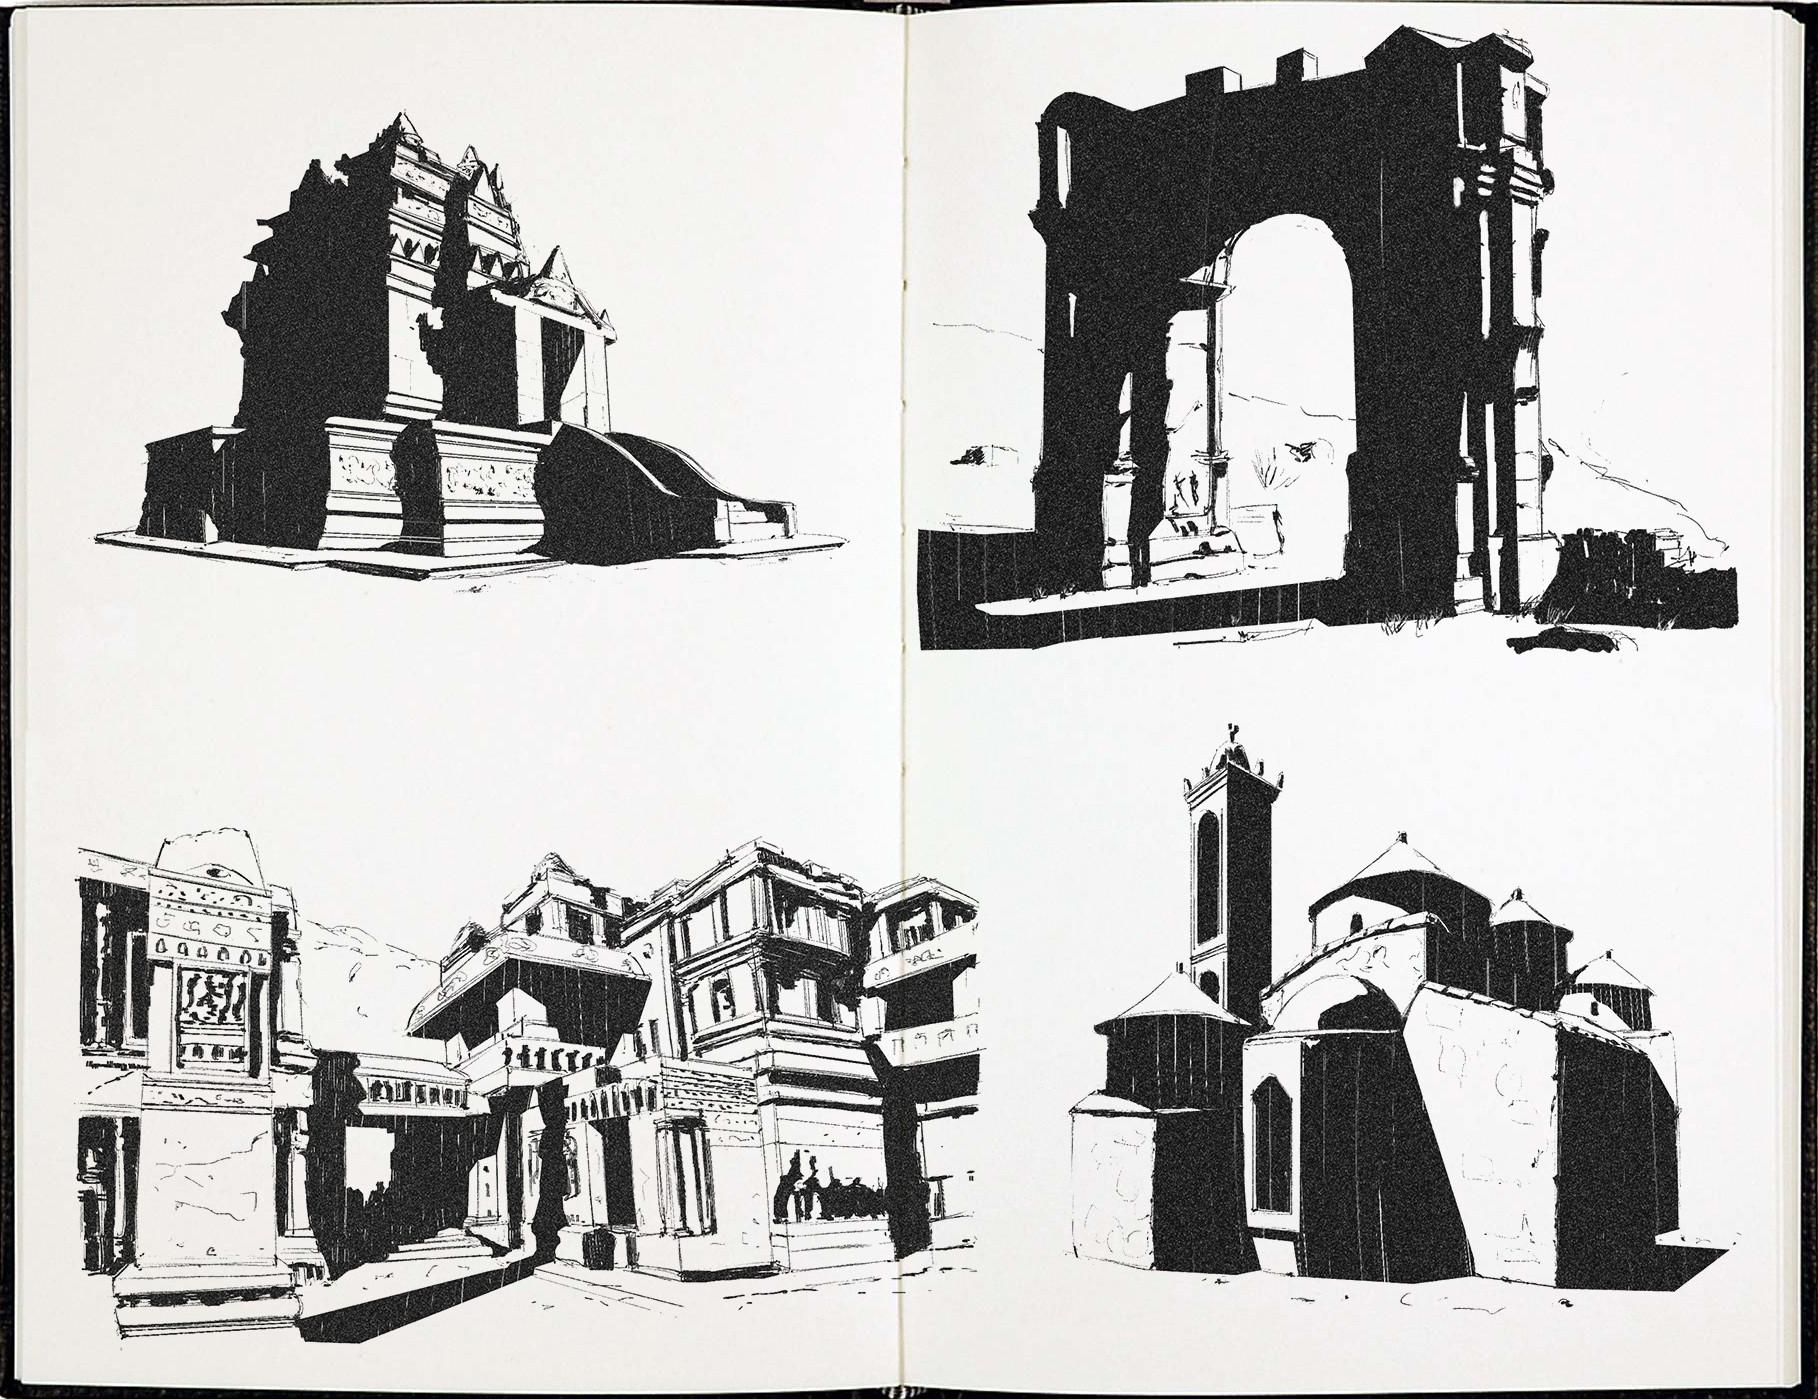 Sergio seabra 20180323 architecture sketches2